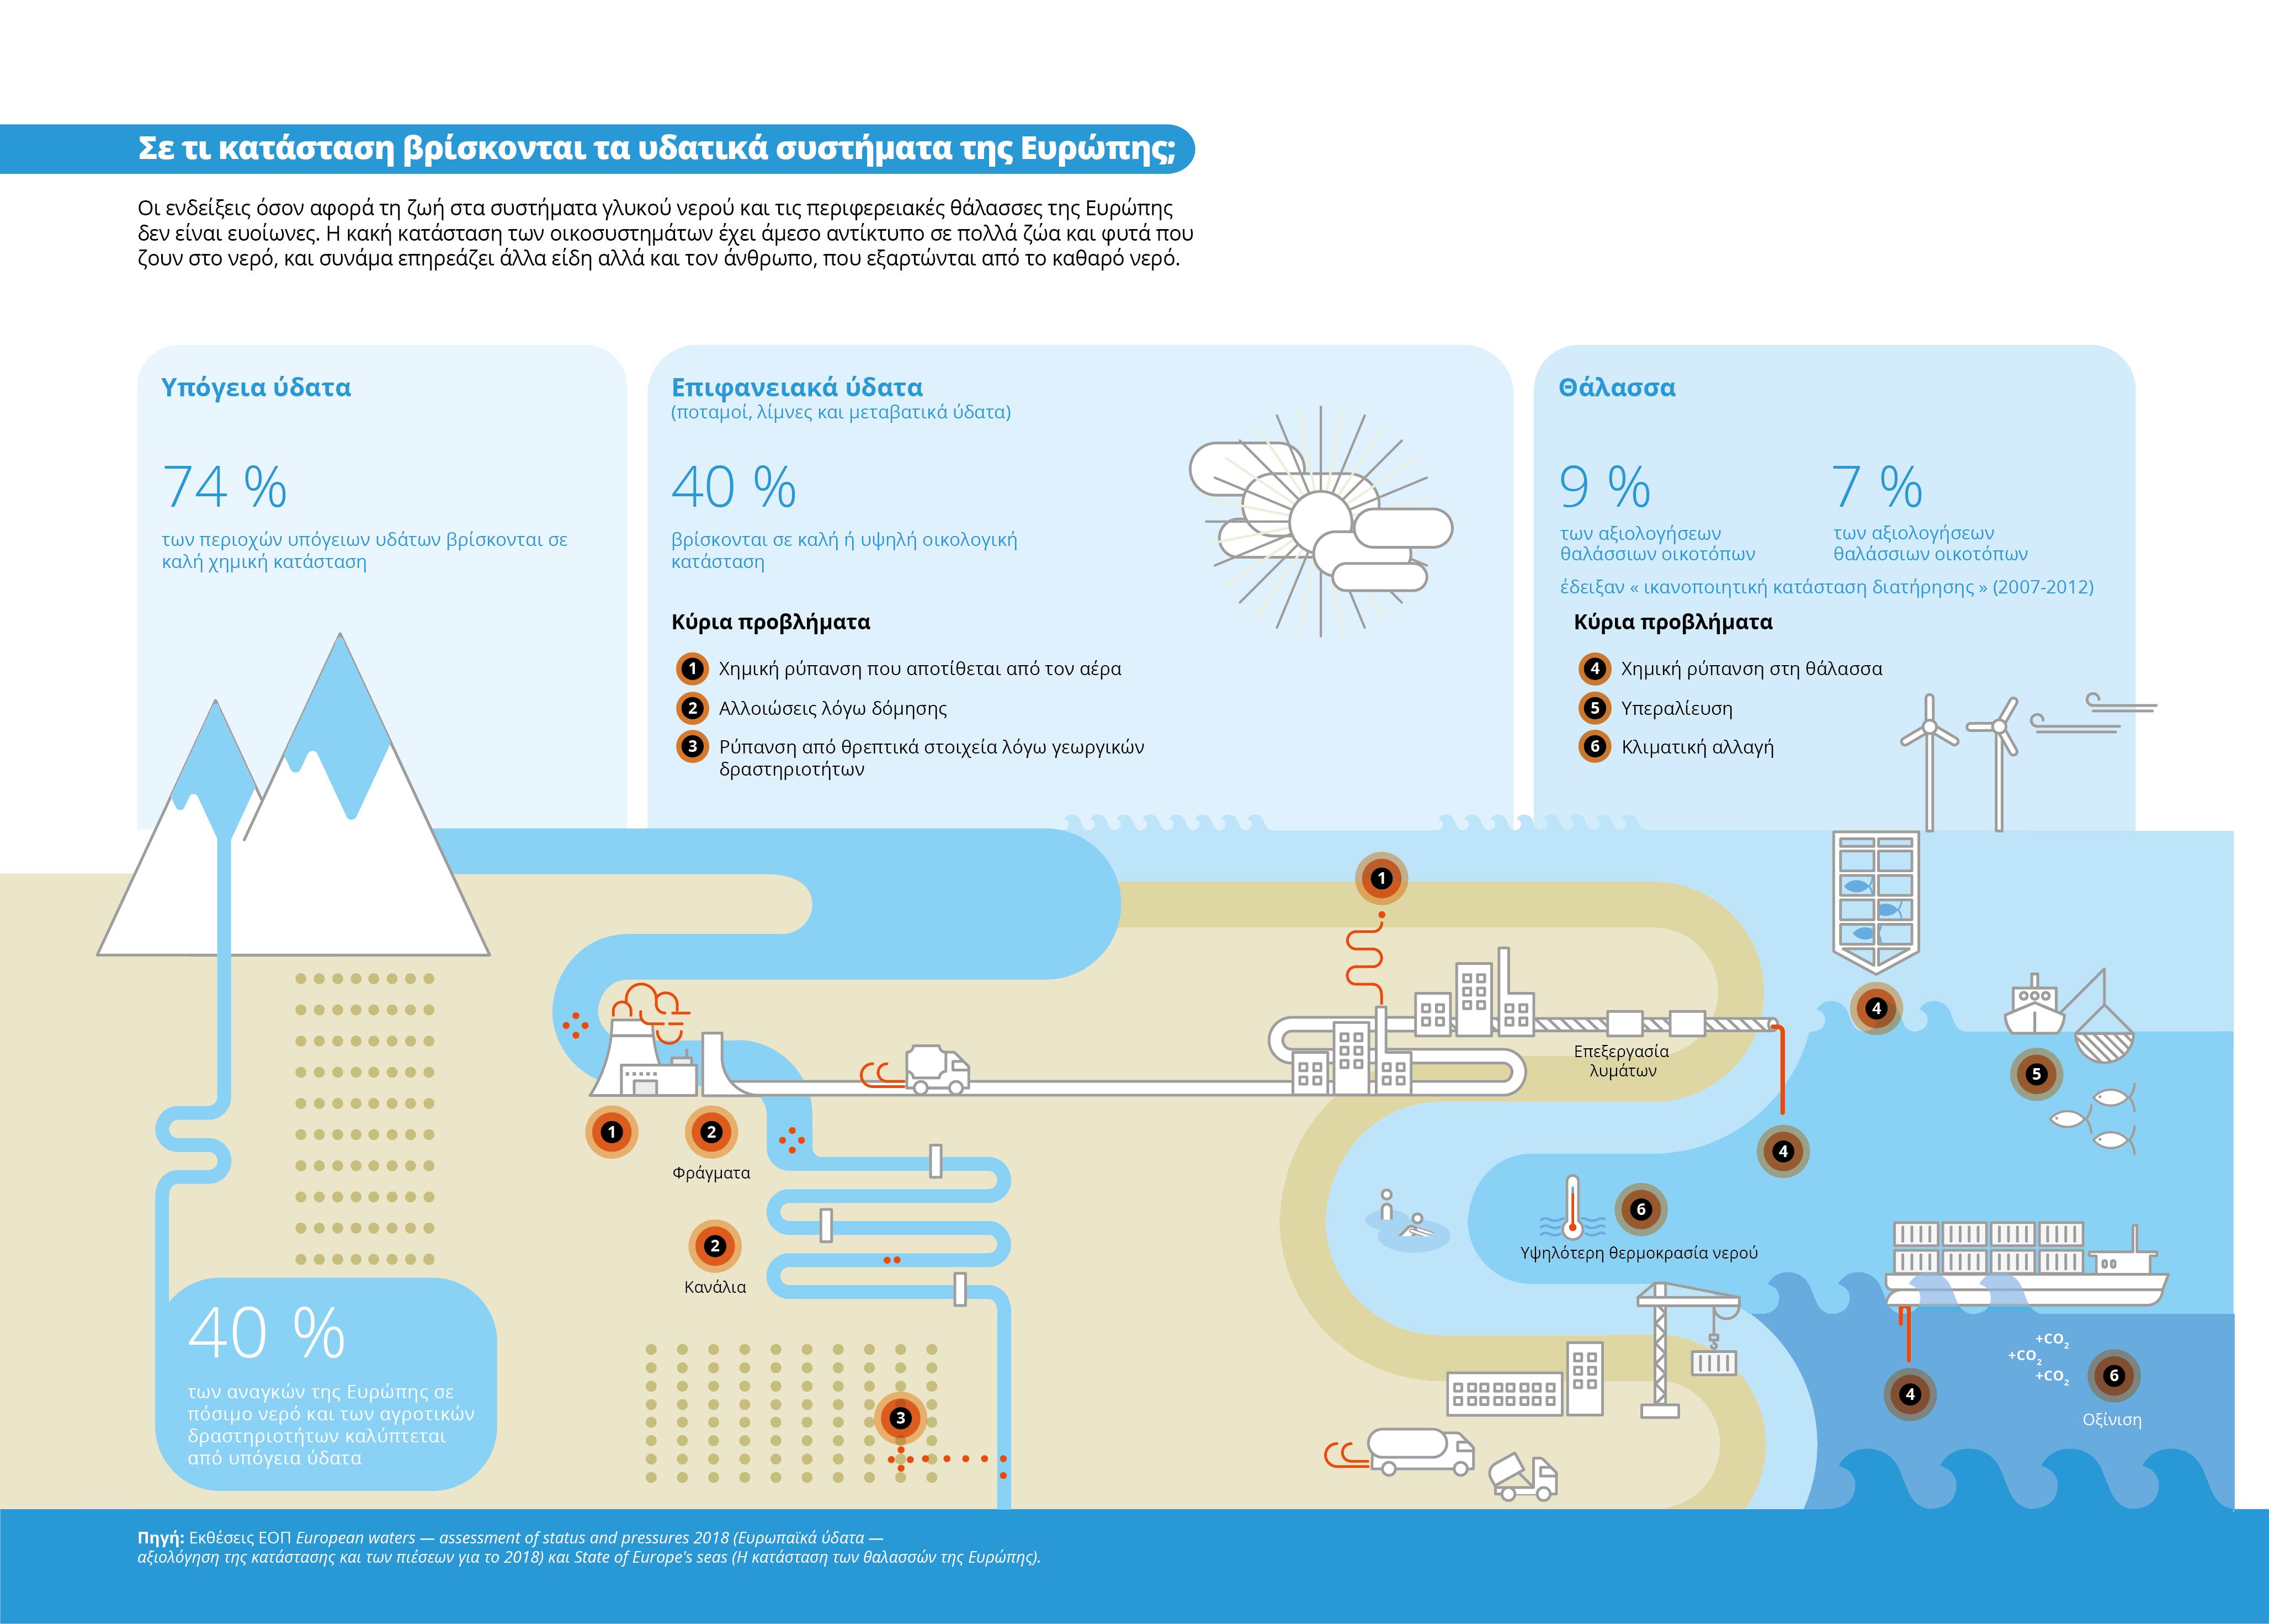 Σε τι κατάσταση βρίσκονται τα υδατικά συστήματα της Ευρώπης